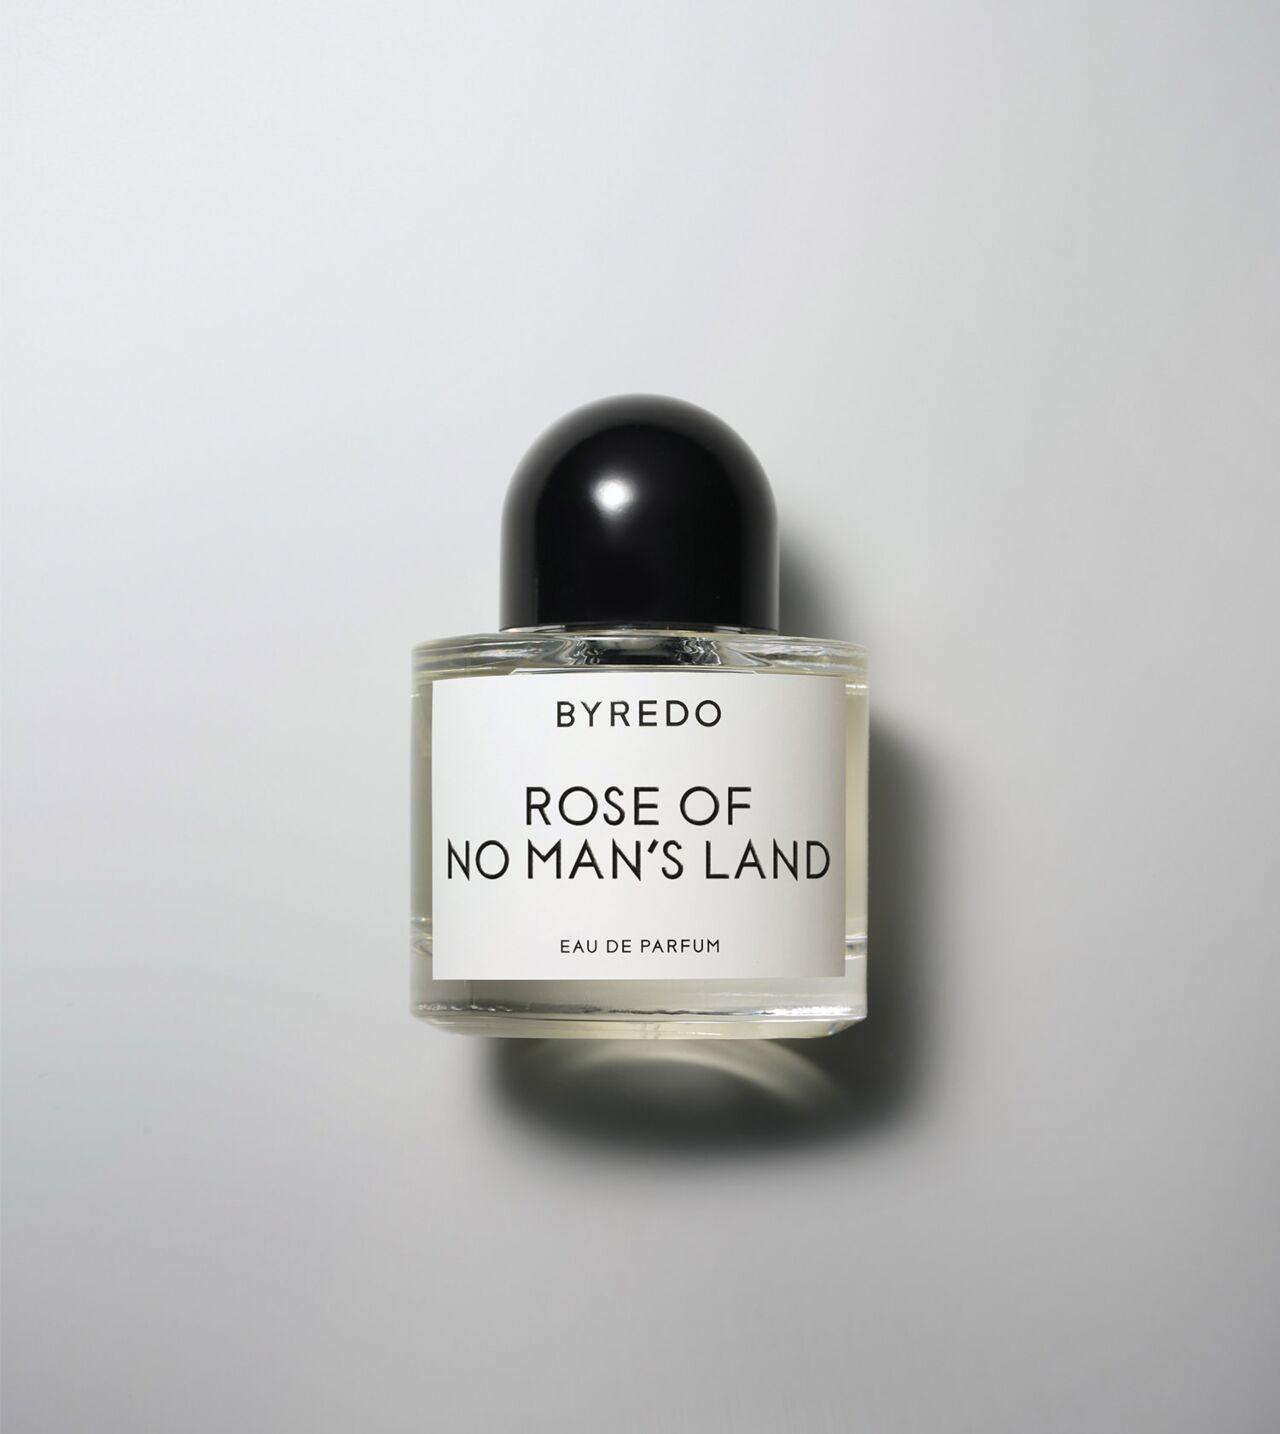 Picture of Byredo Rose Of No Man's Land Eau de Parfum 50ml